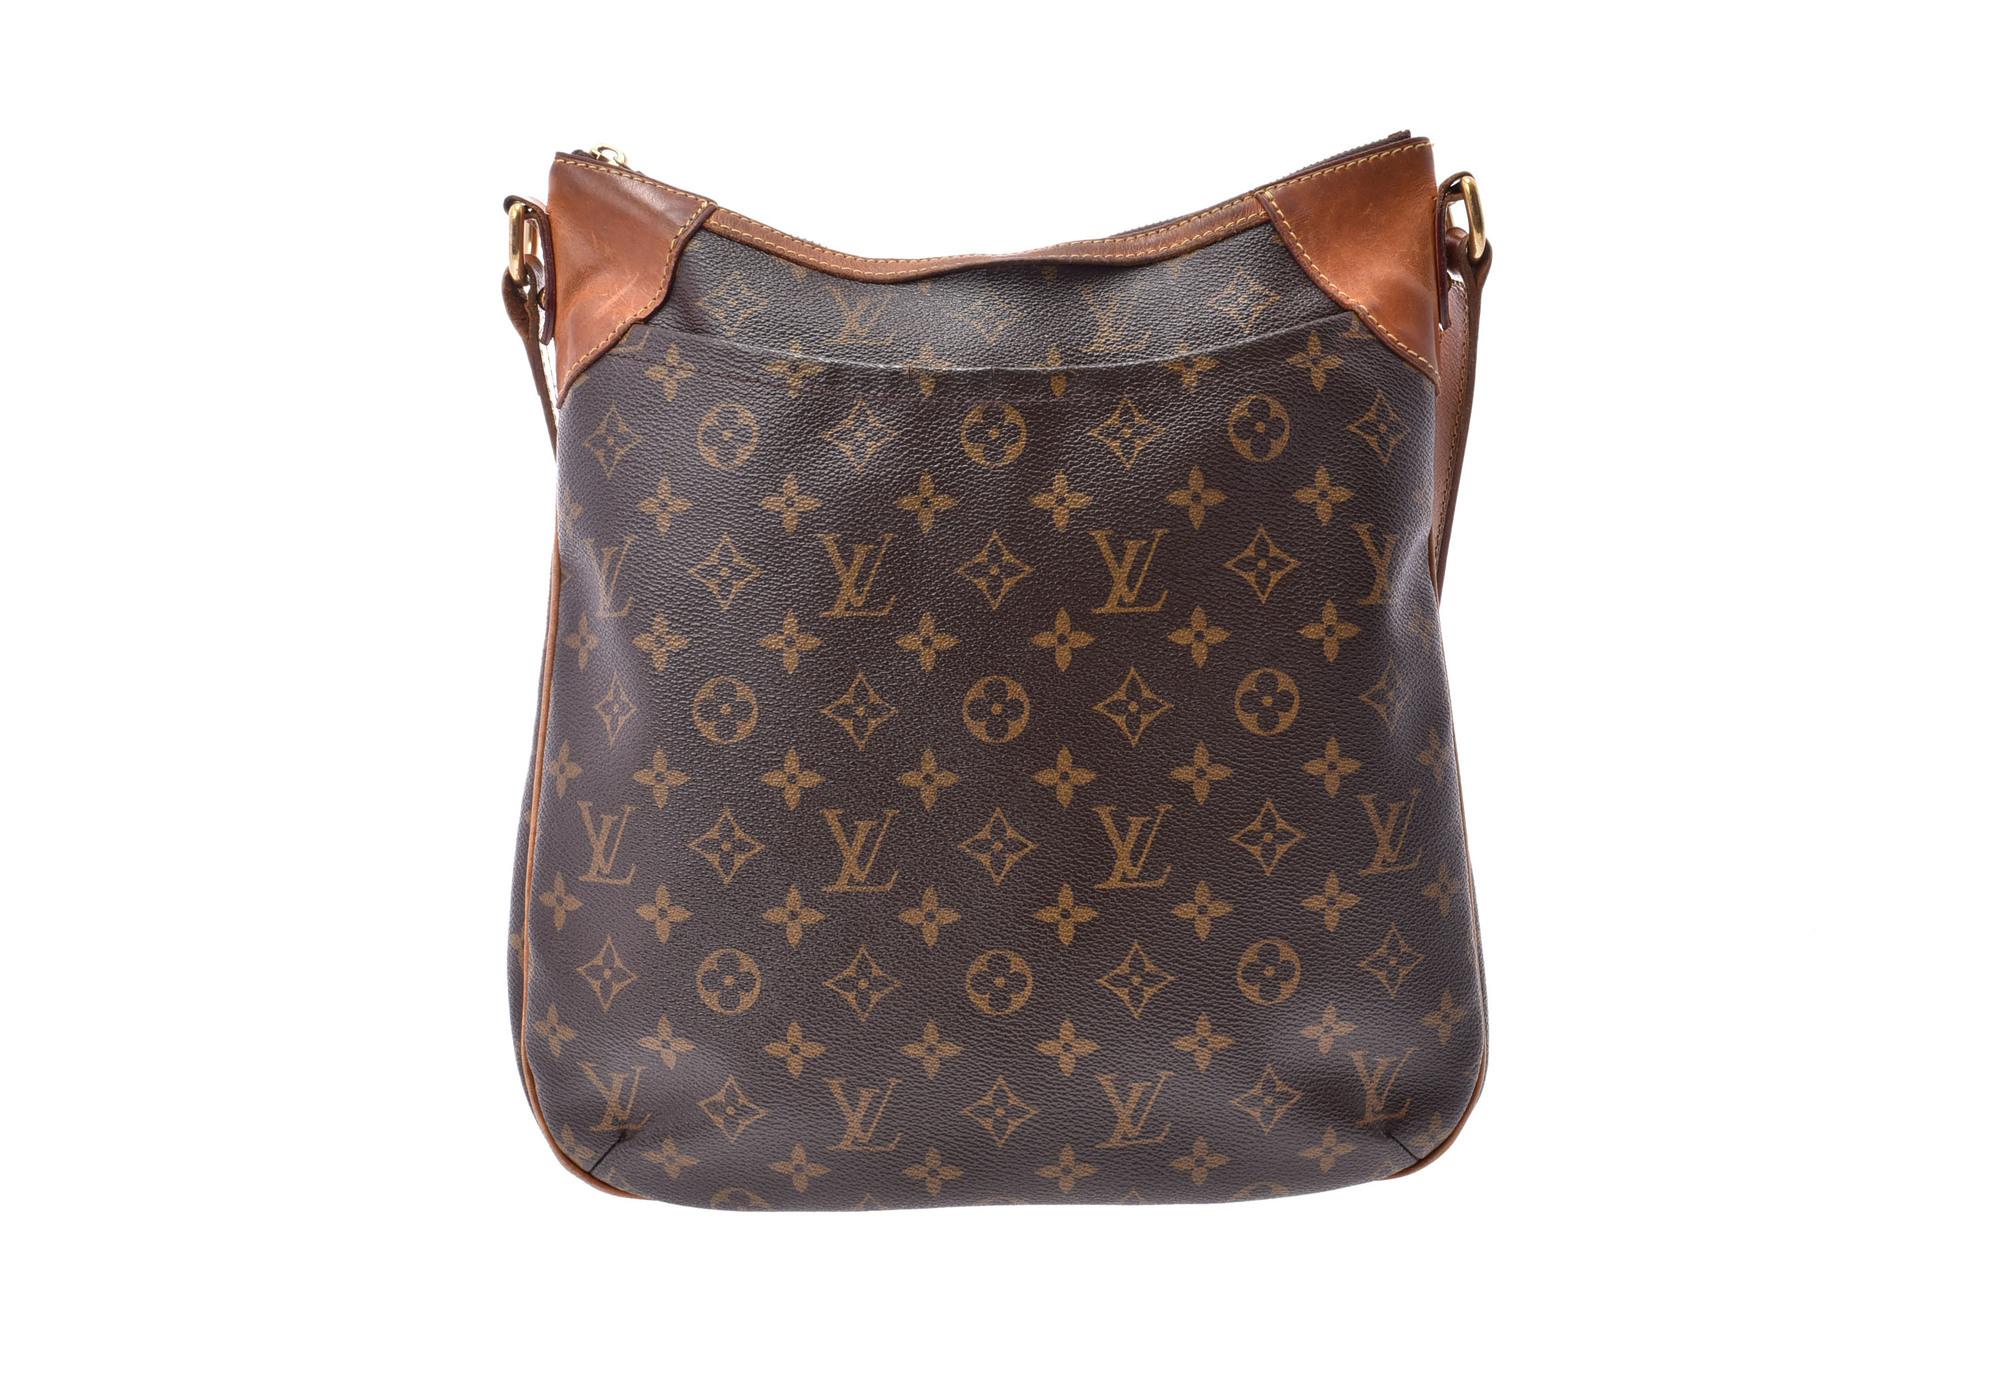 c88ab933c37d Authentic Louis Vuitton Monogram Odeon MM M56389 Shoulder Bag Mo  800000076432000